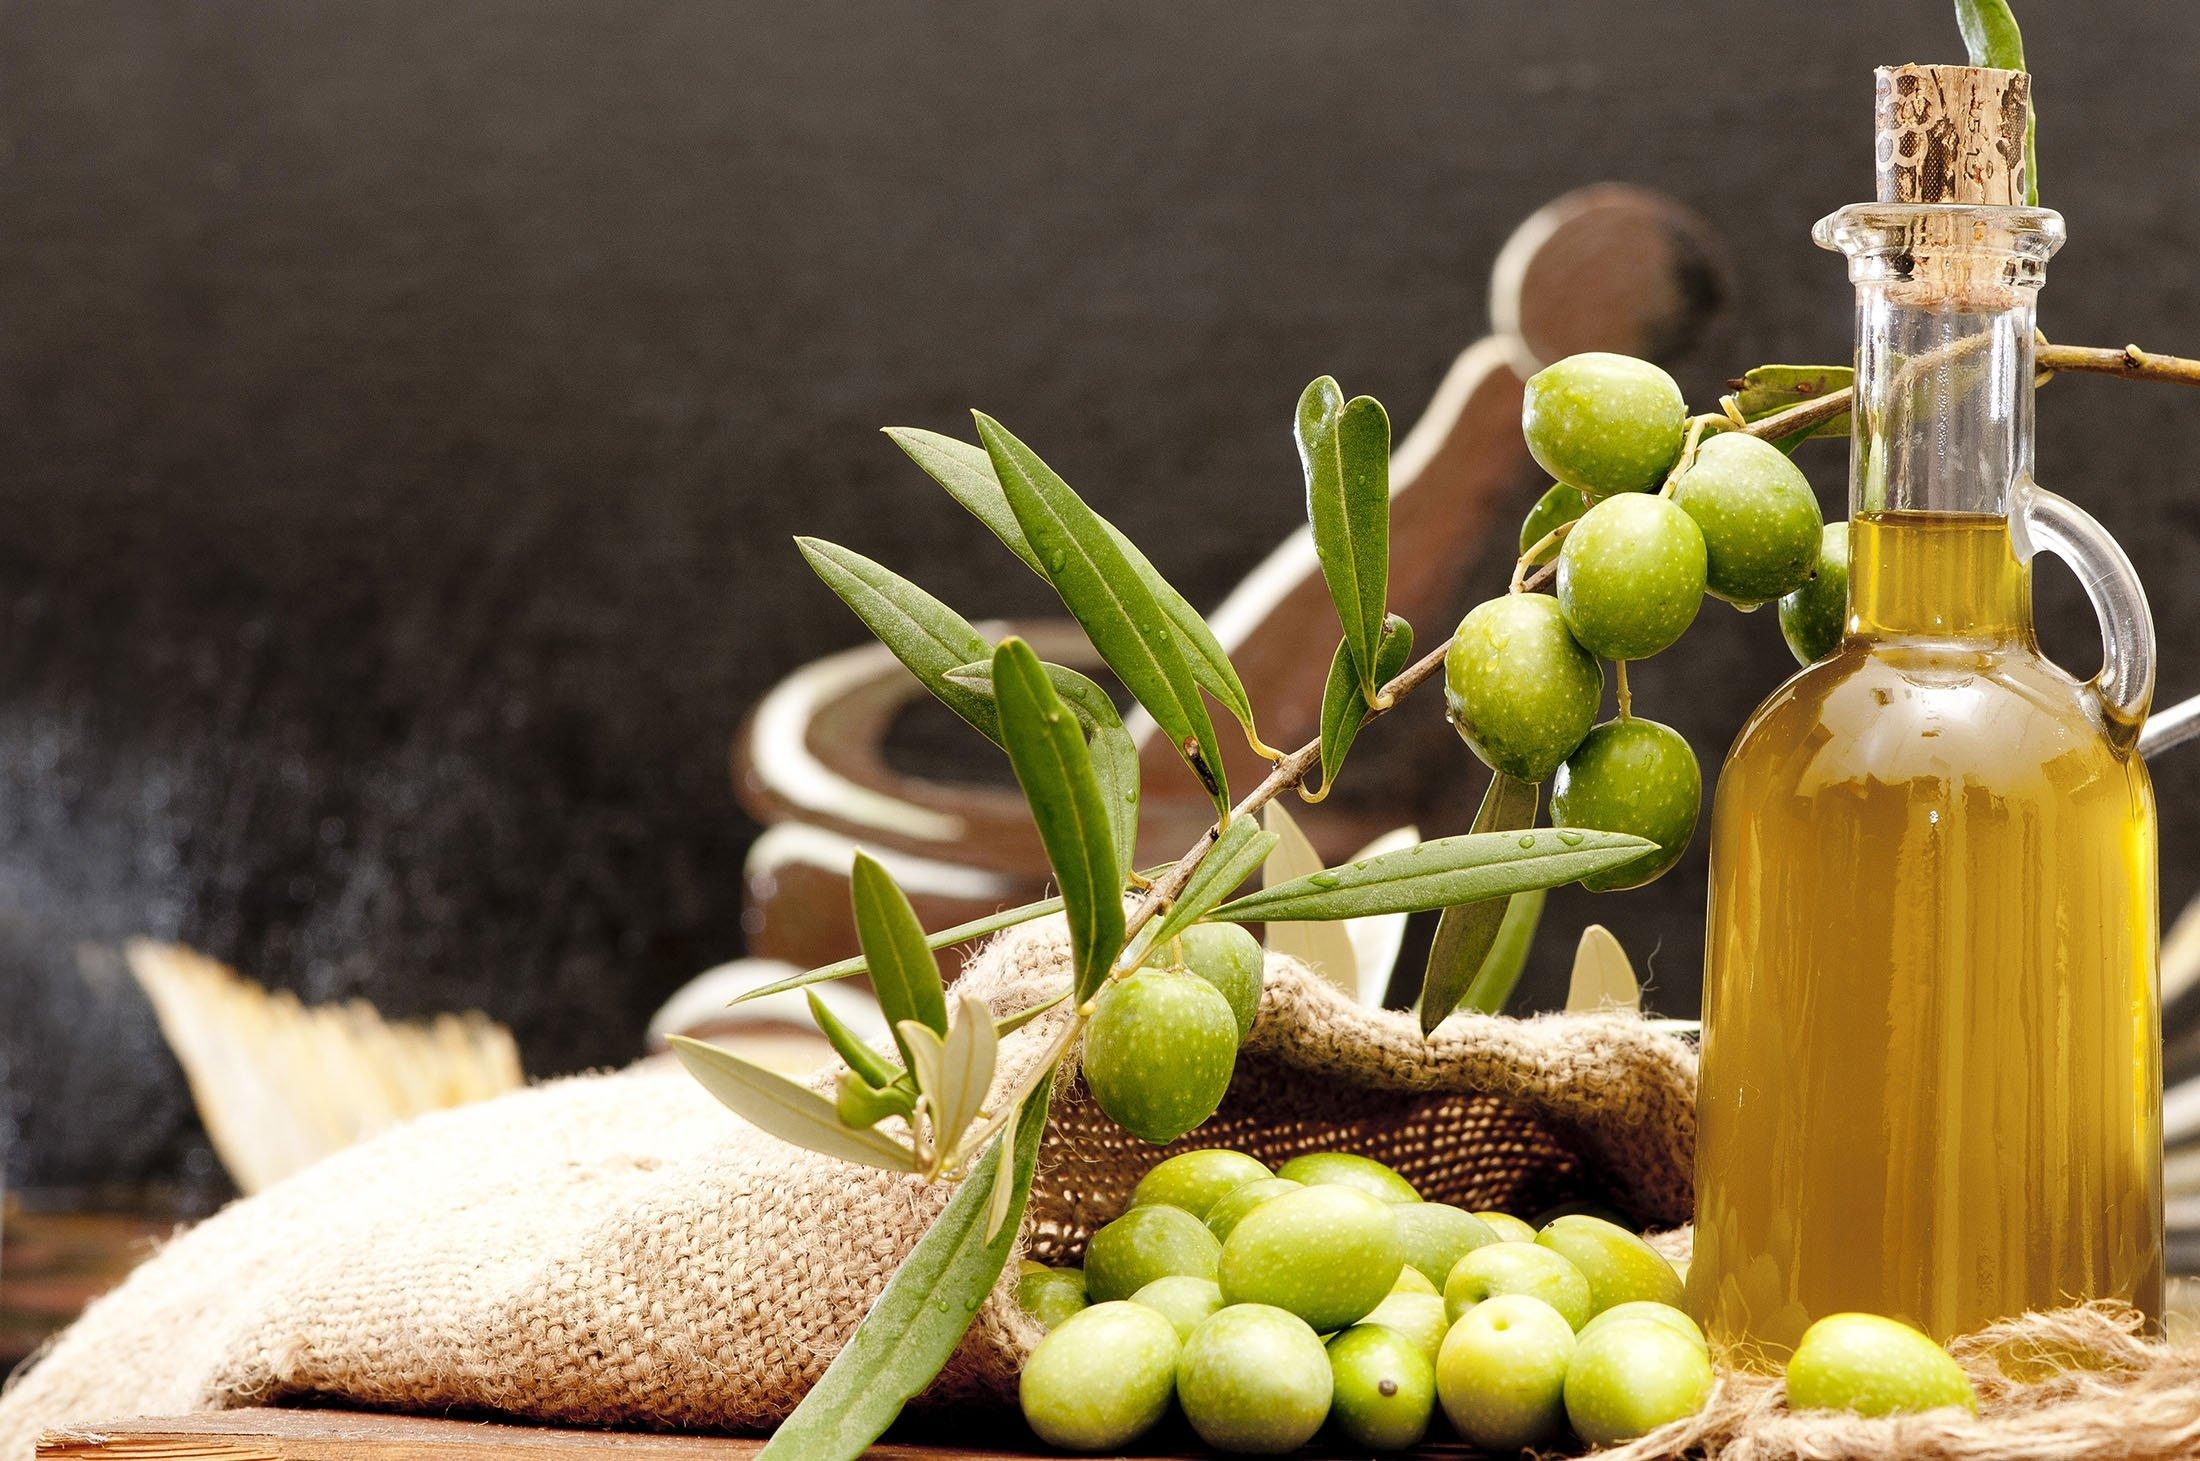 Sızma zeytinyağının kalp hastalığı riskini azaltmaya yardımcı olduğu gösterilmiştir. (Shutterstock Fotoğrafı)